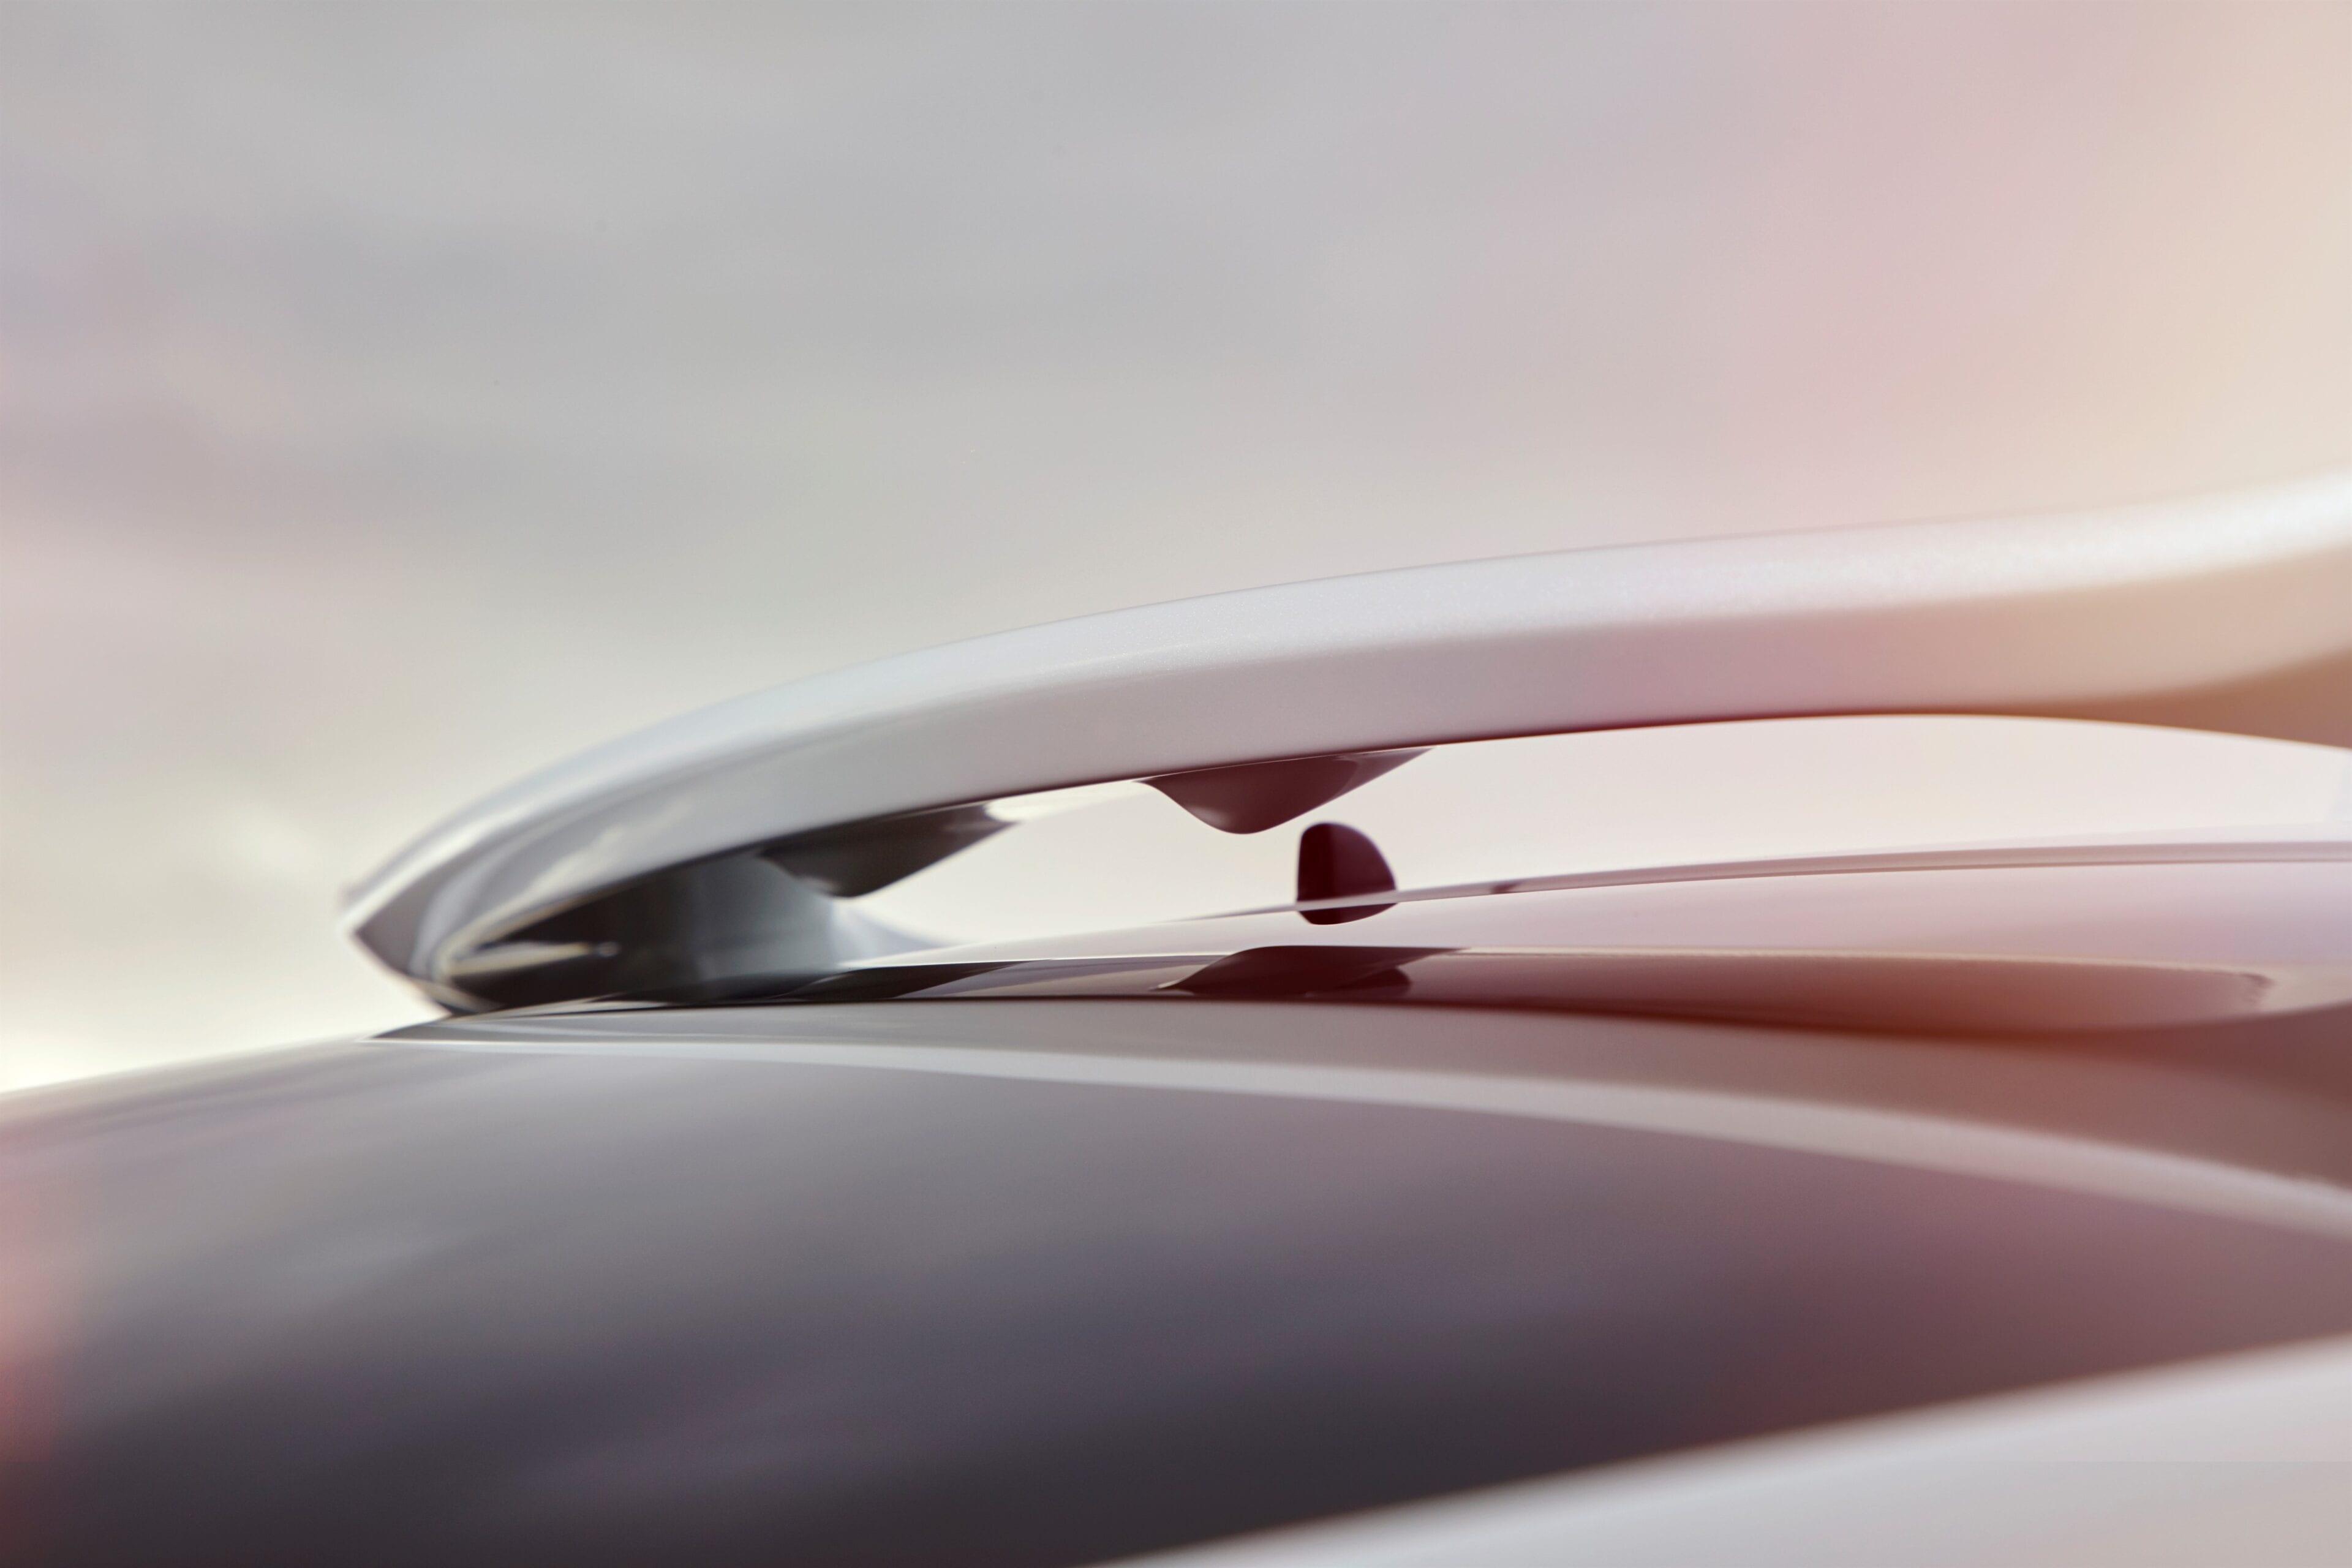 Er is geen twijfel over mogelijk dat deze auto, met zijn vloeiende atletische lijnen, gemaakt is om te presteren.